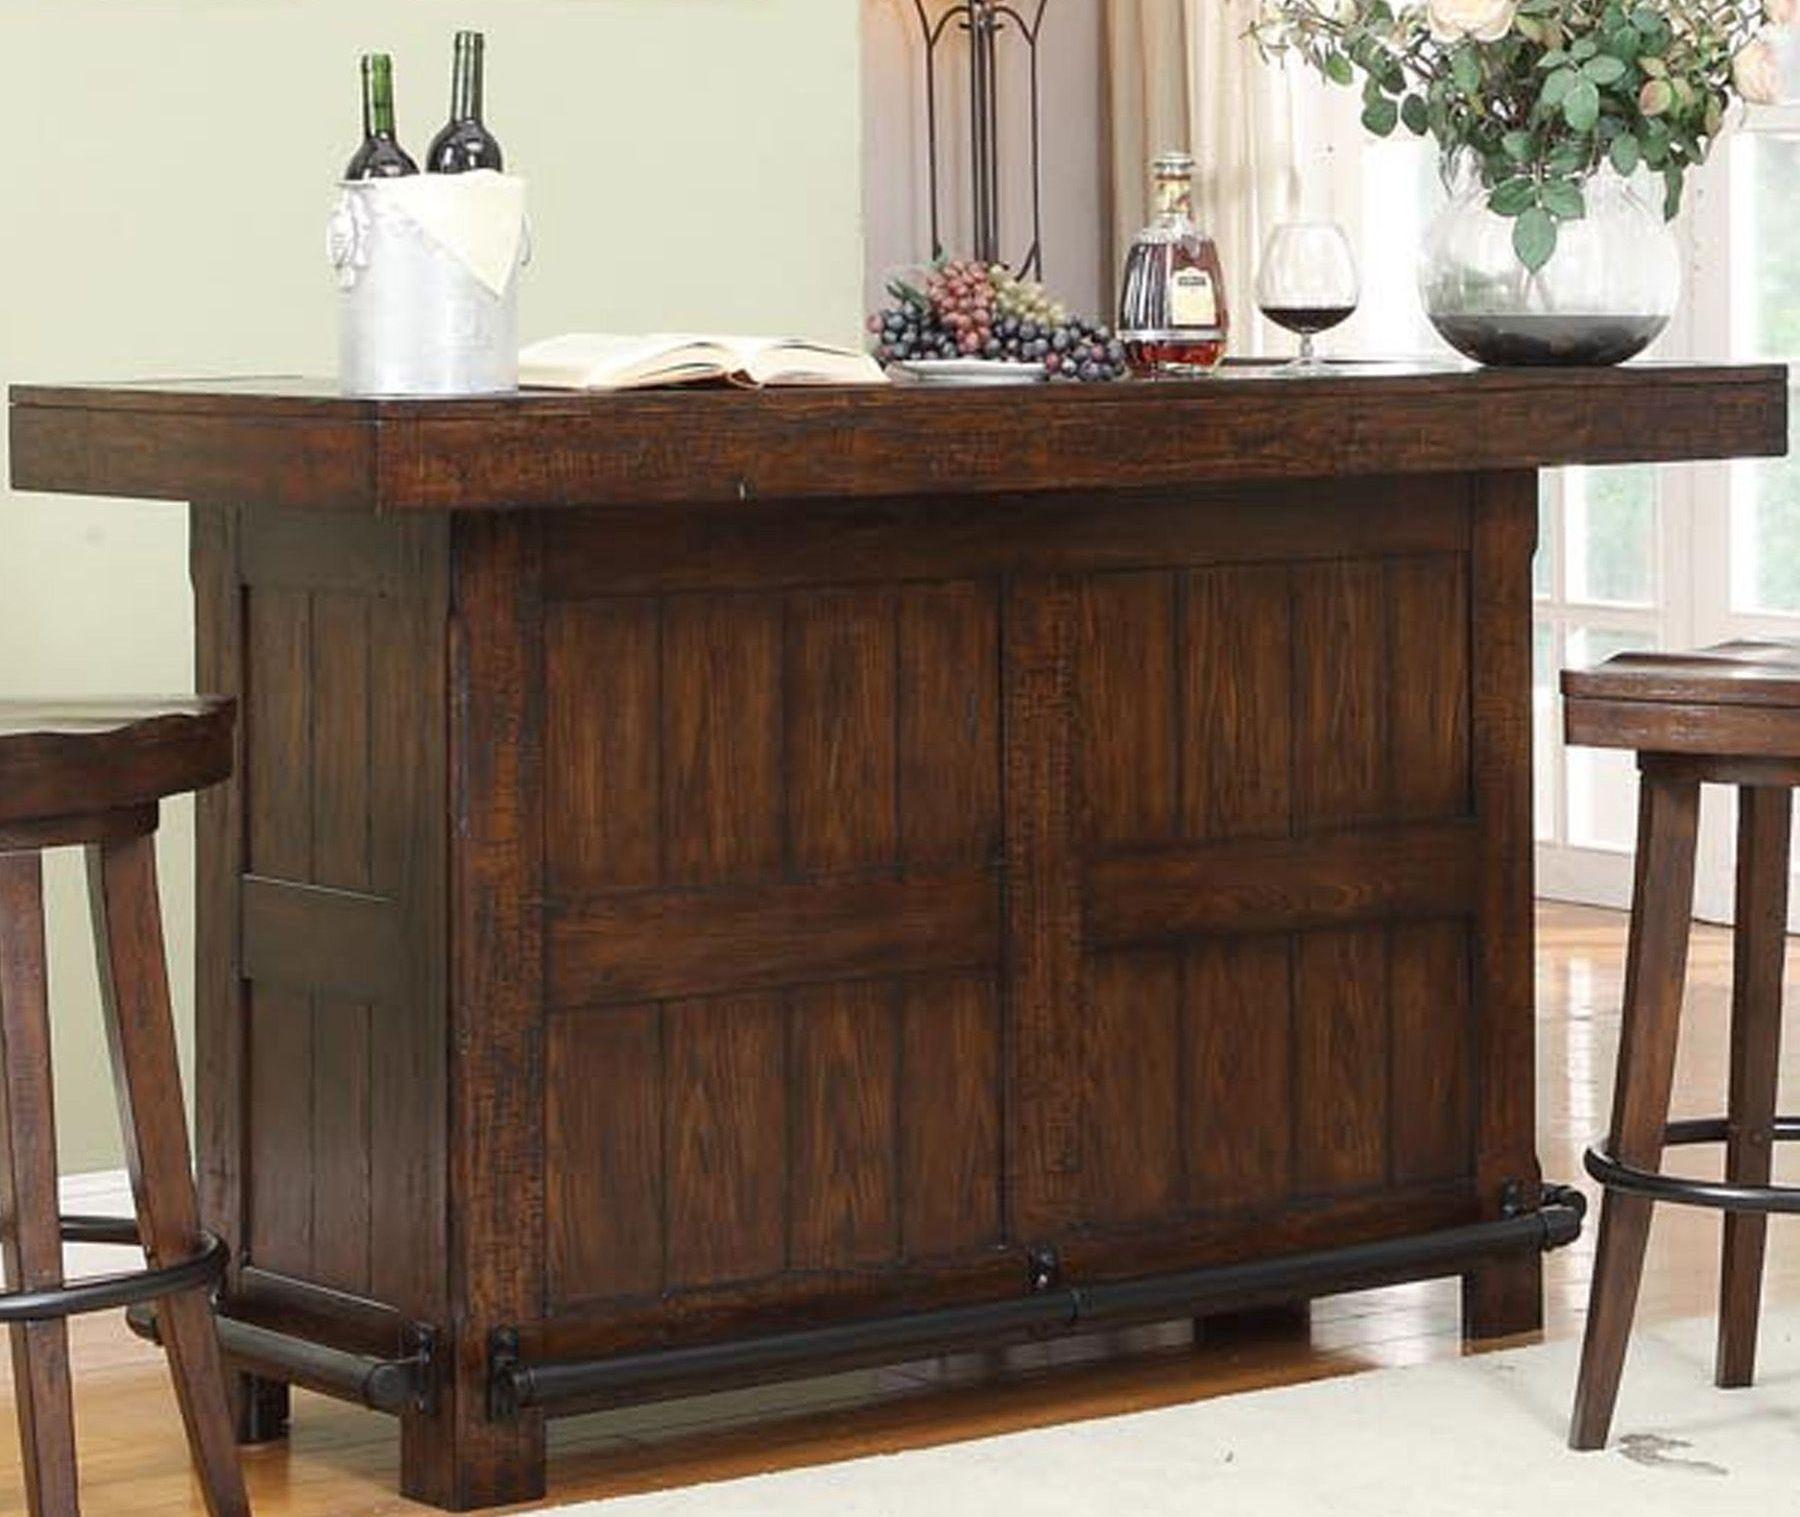 Gettysburg Distressed Chestnut Oak Bar From Eci Furniture Coleman Furniture